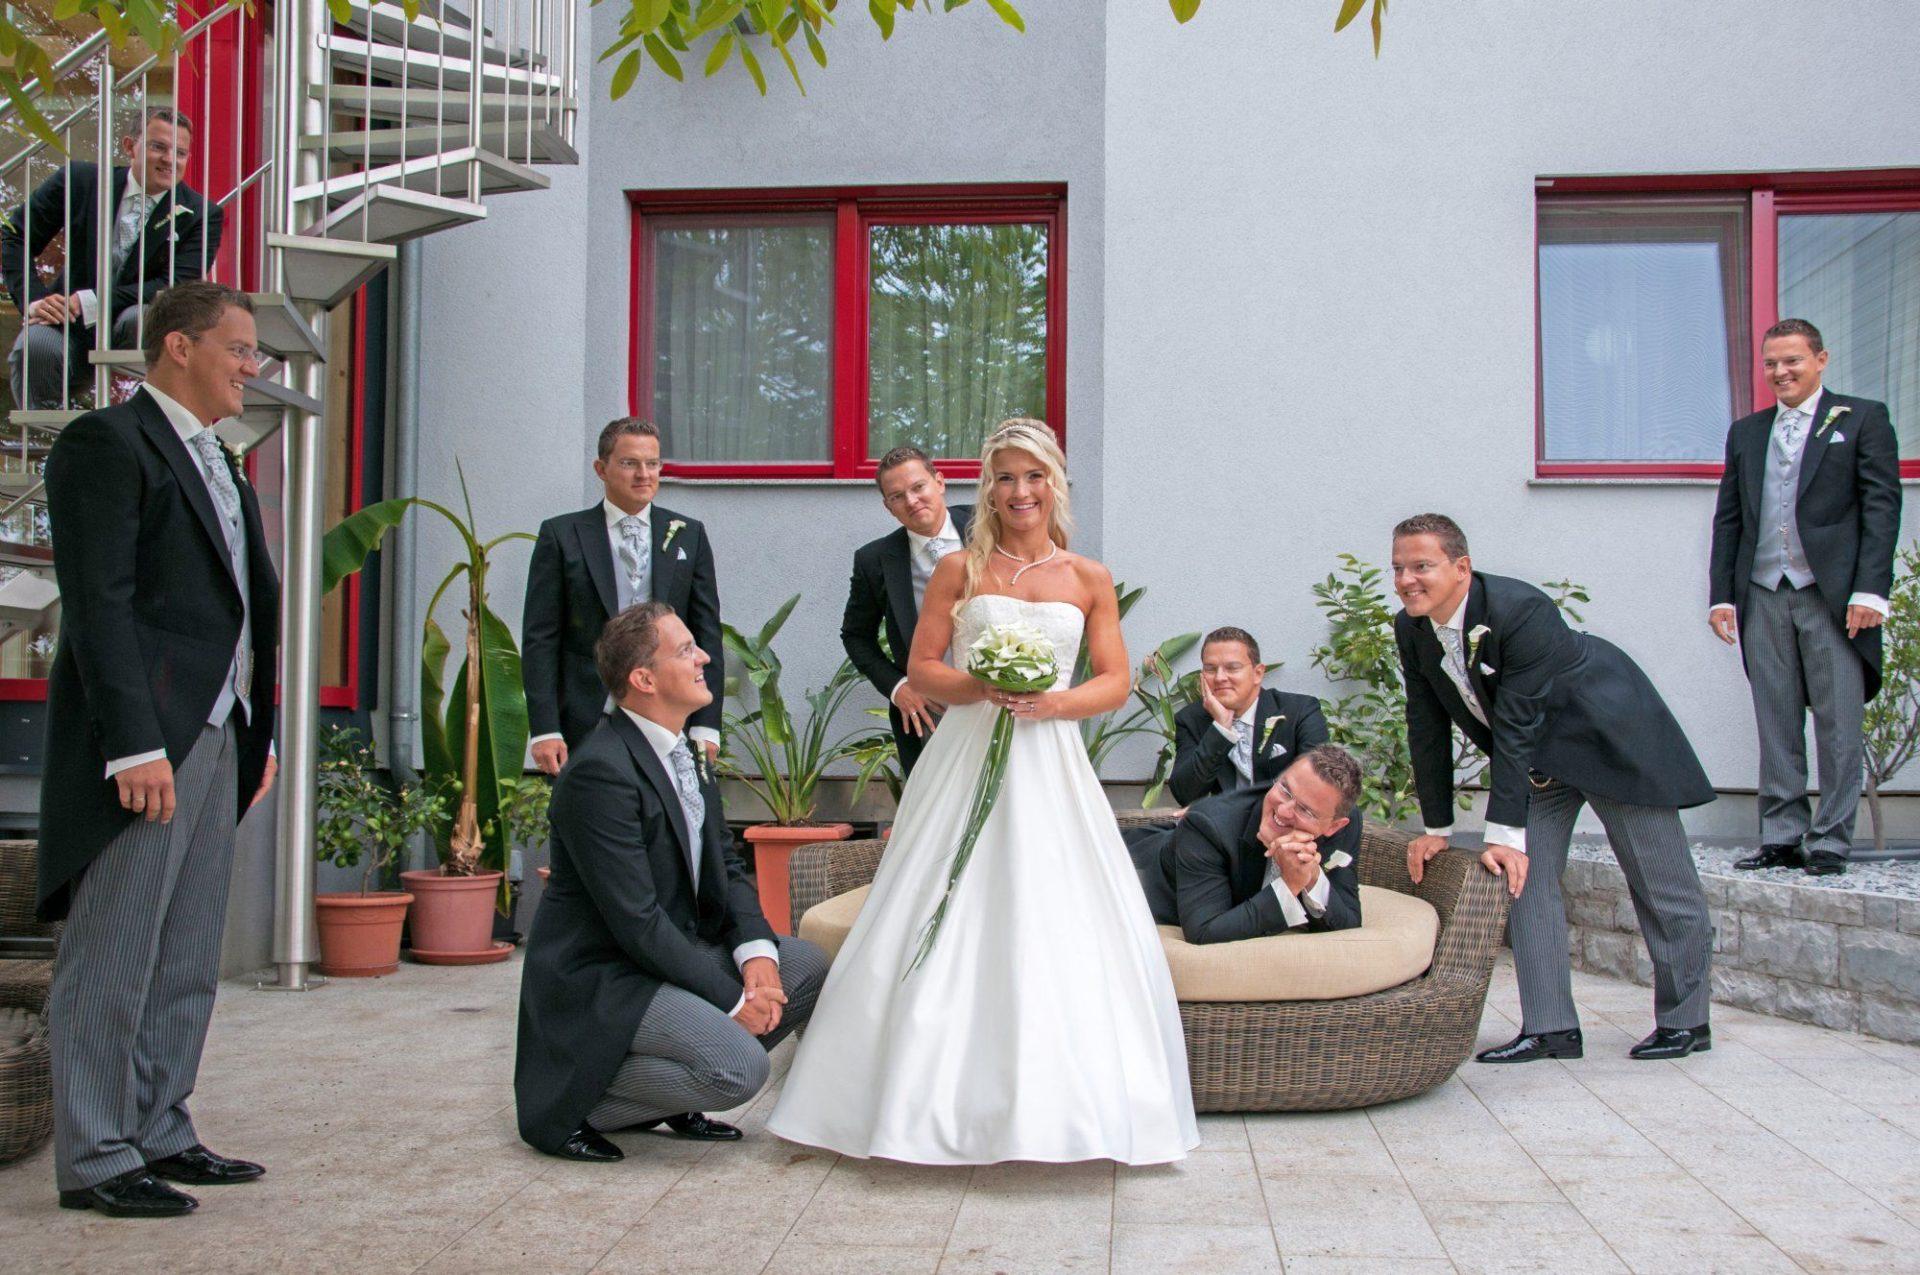 Fotomontage - Baut mit vielen Ehemännern